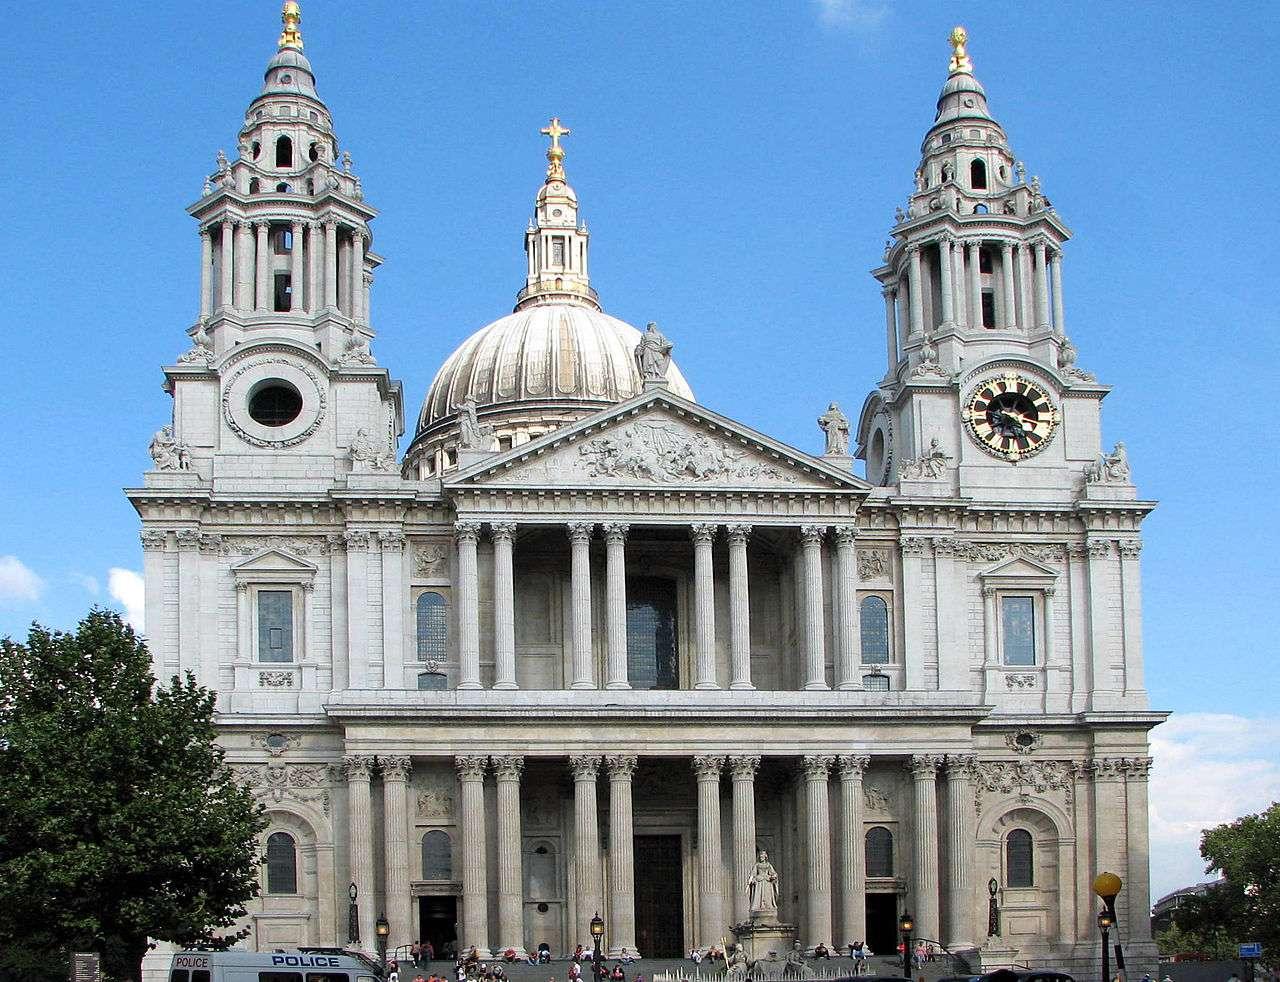 La cathédrale Saint-Paul de Londres accueille des événements prestigieux, comme le mariage de Diana Spencer et du prince Charles. © Bernard Gagnon, Wikimedia Commons, cc by sa 3.0